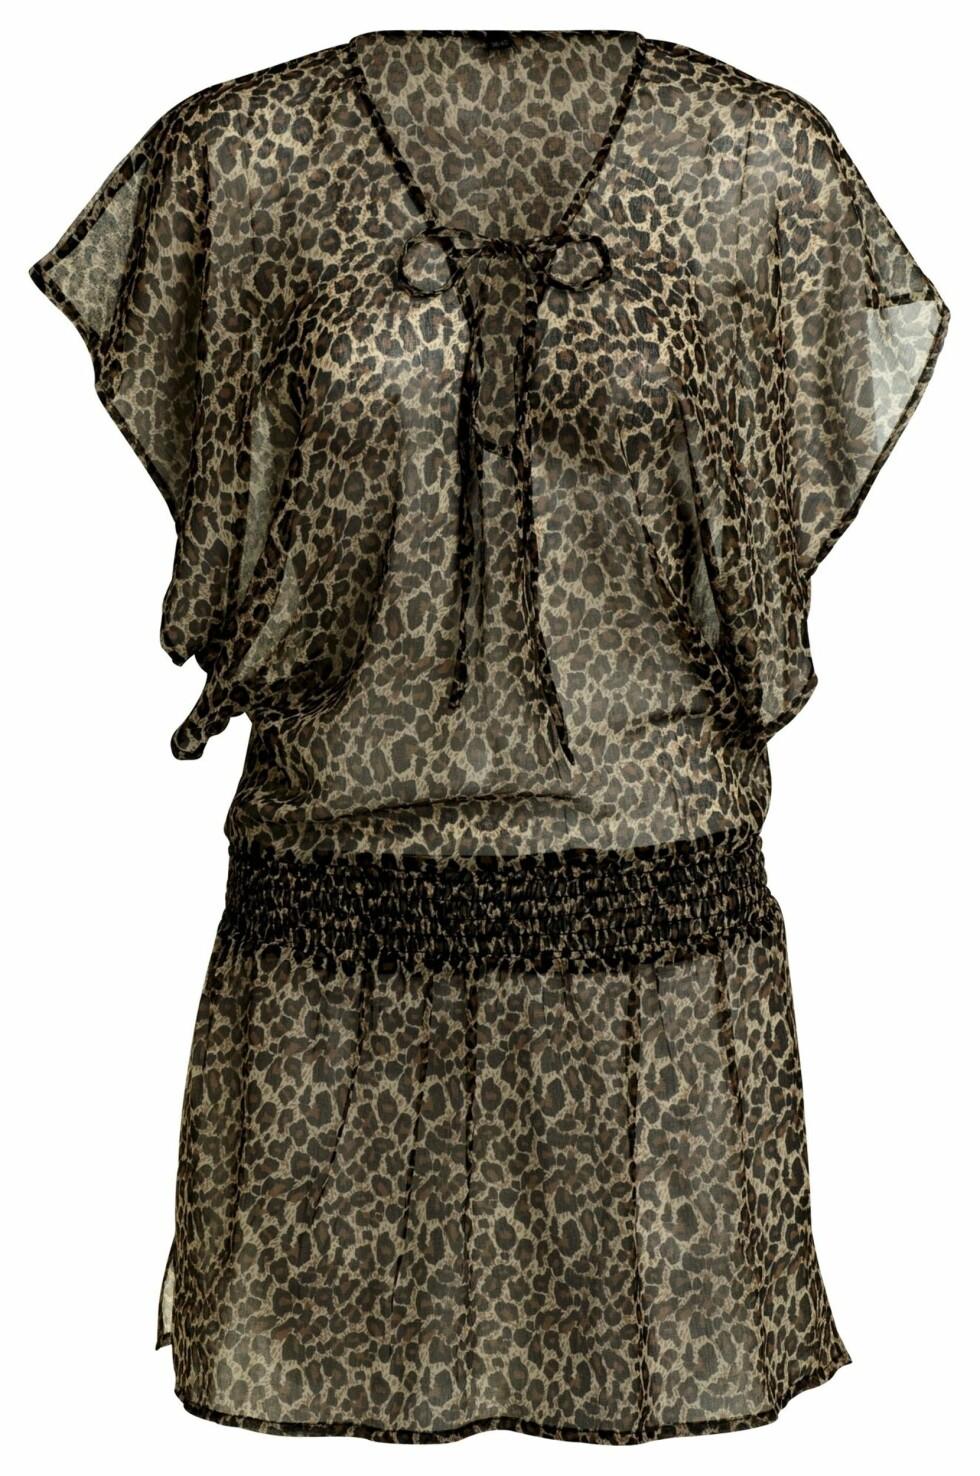 Leopardmønstret kjole i med knyting i front (kr 199/Ellos). Foto: Produsent